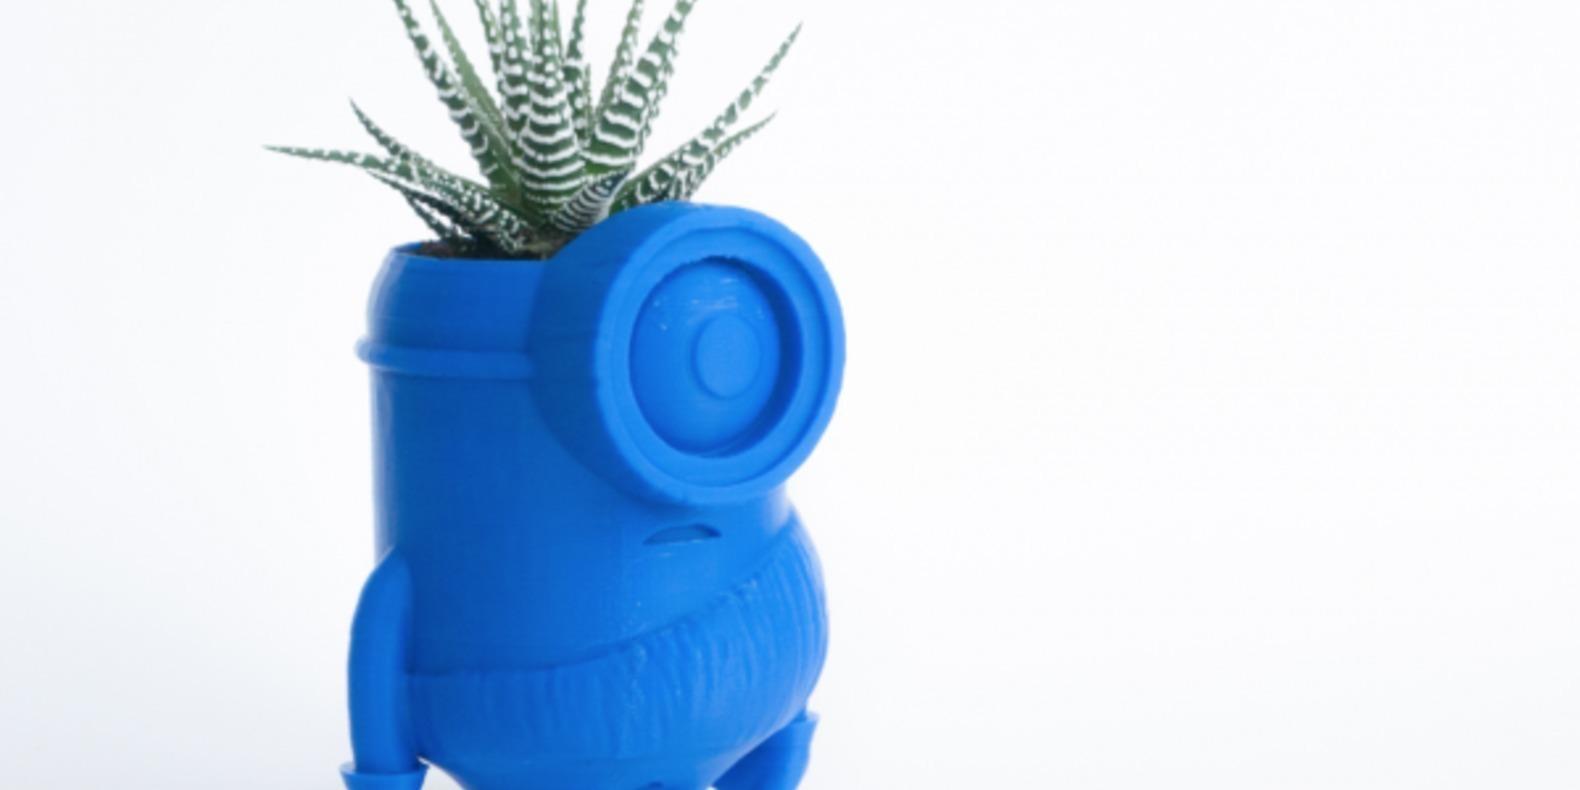 des pots de fleurs mignons imprimer en 3d cults. Black Bedroom Furniture Sets. Home Design Ideas